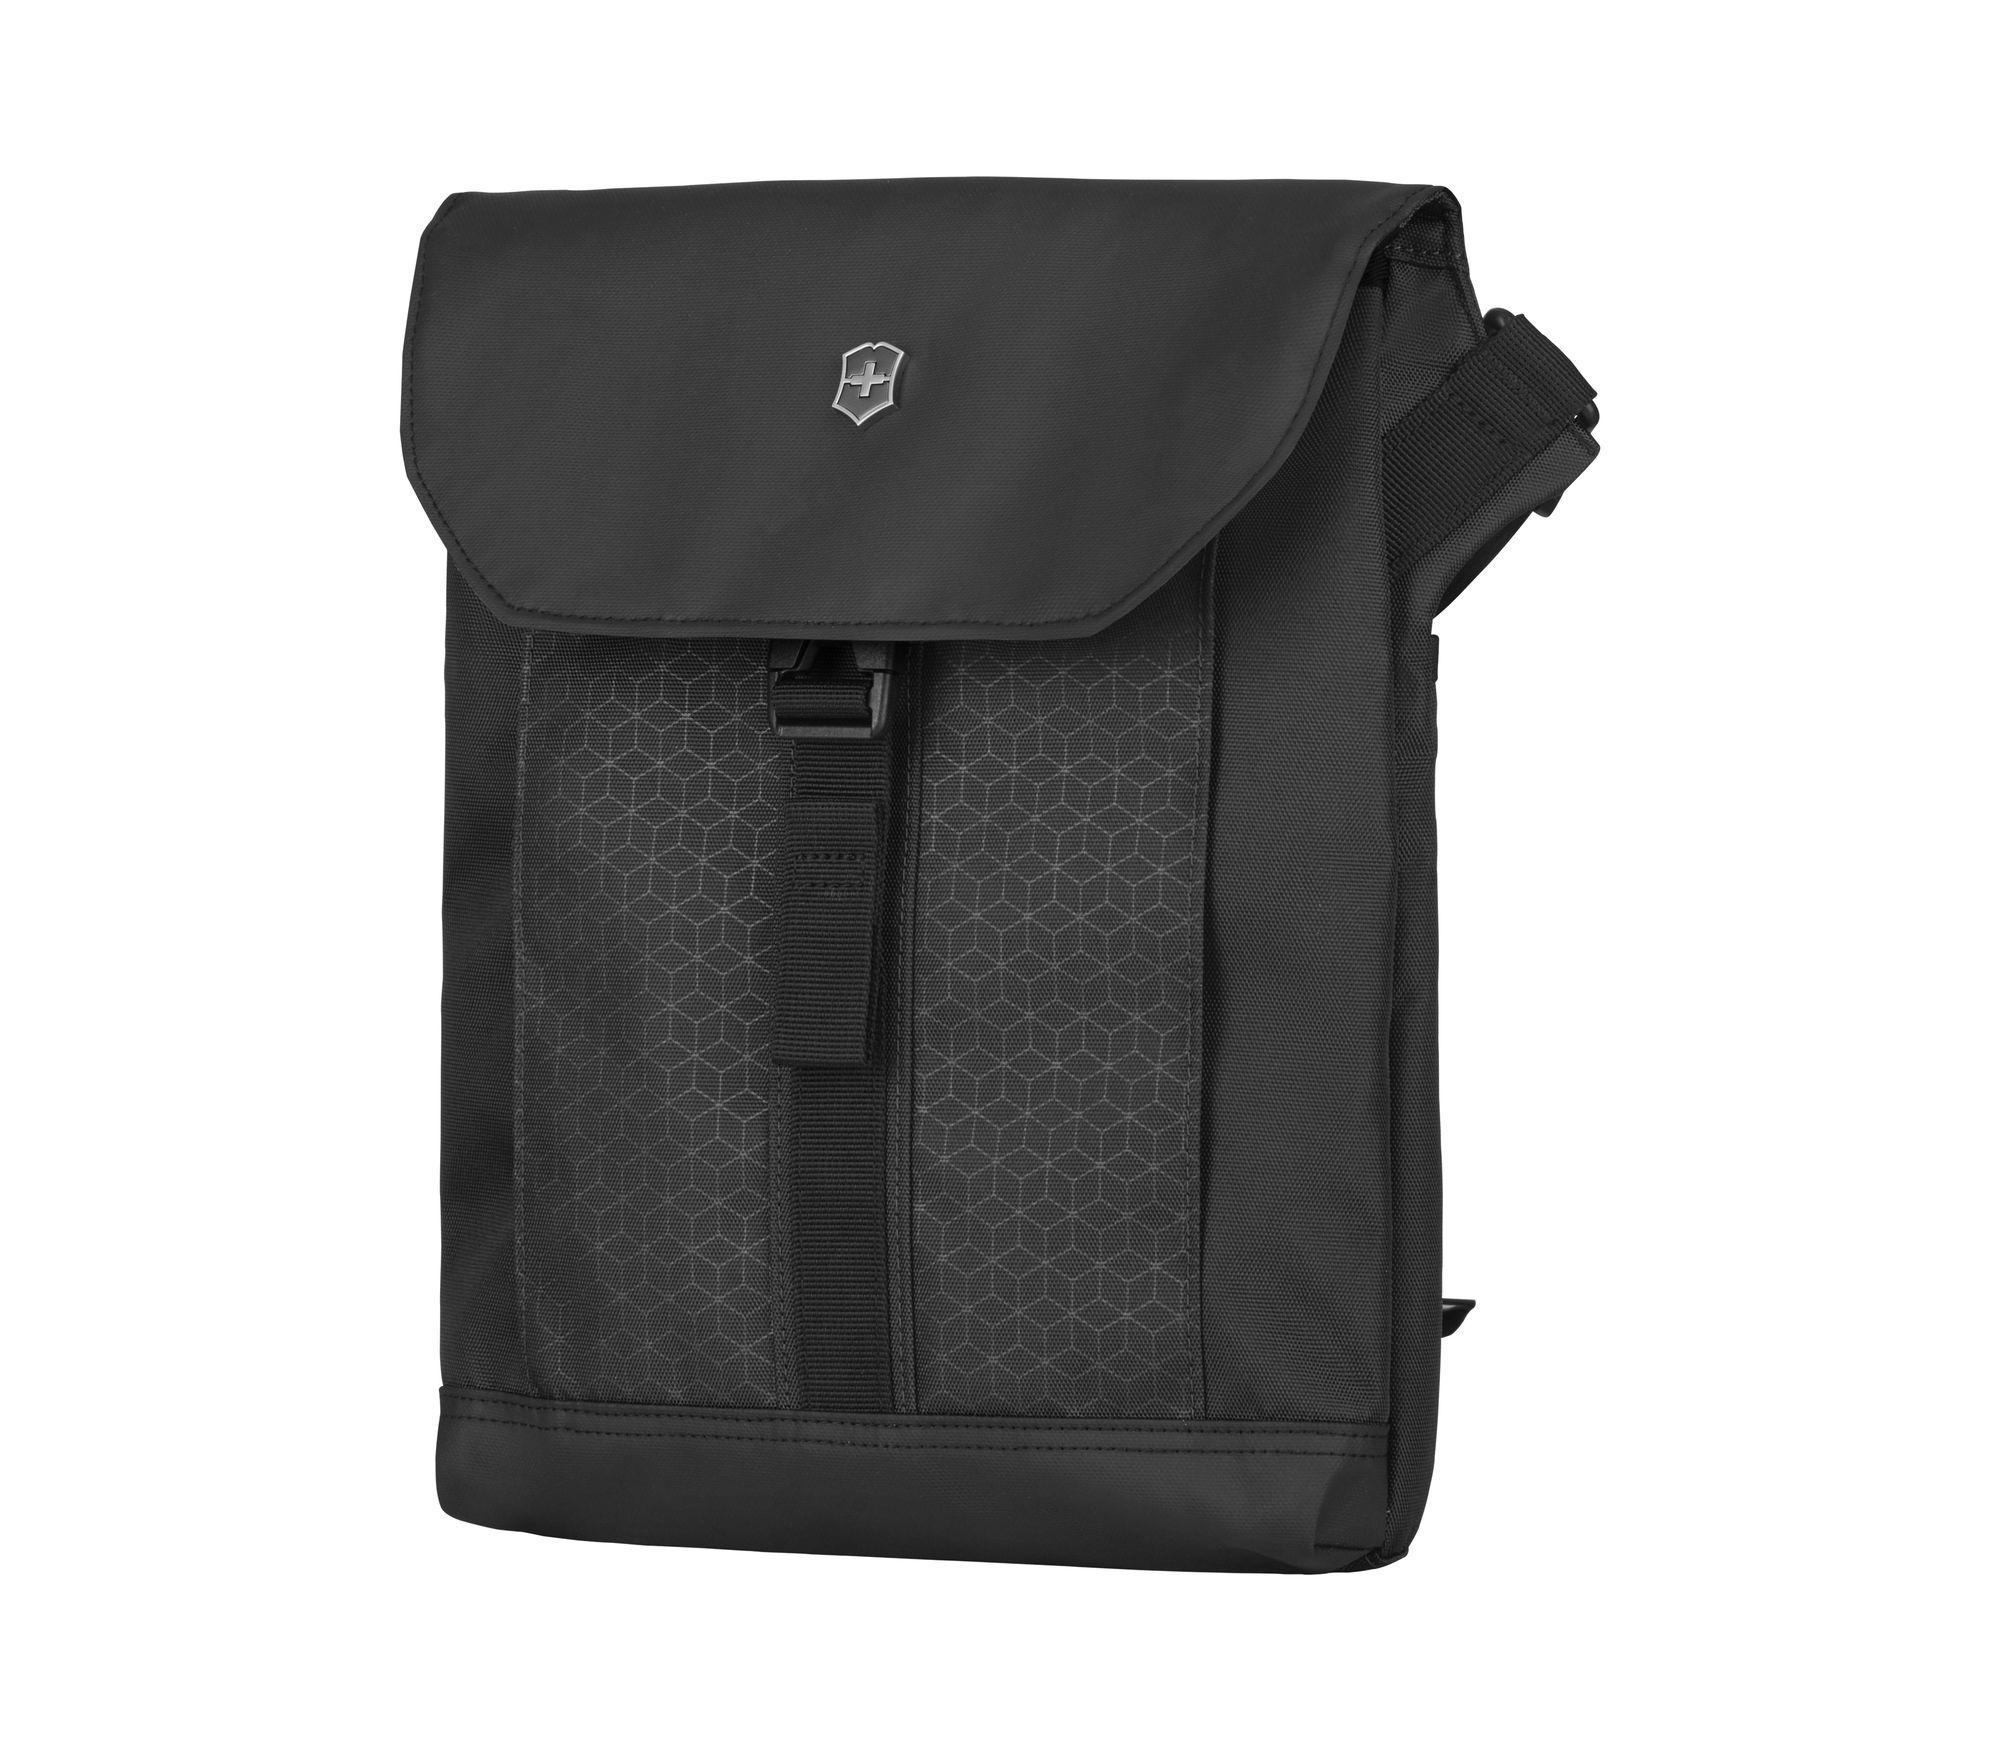 VICTORINOX 瑞士維氏 平板電腦側背包 斜背包 側背包 商務包 公文包TRGE-606751 (黑)